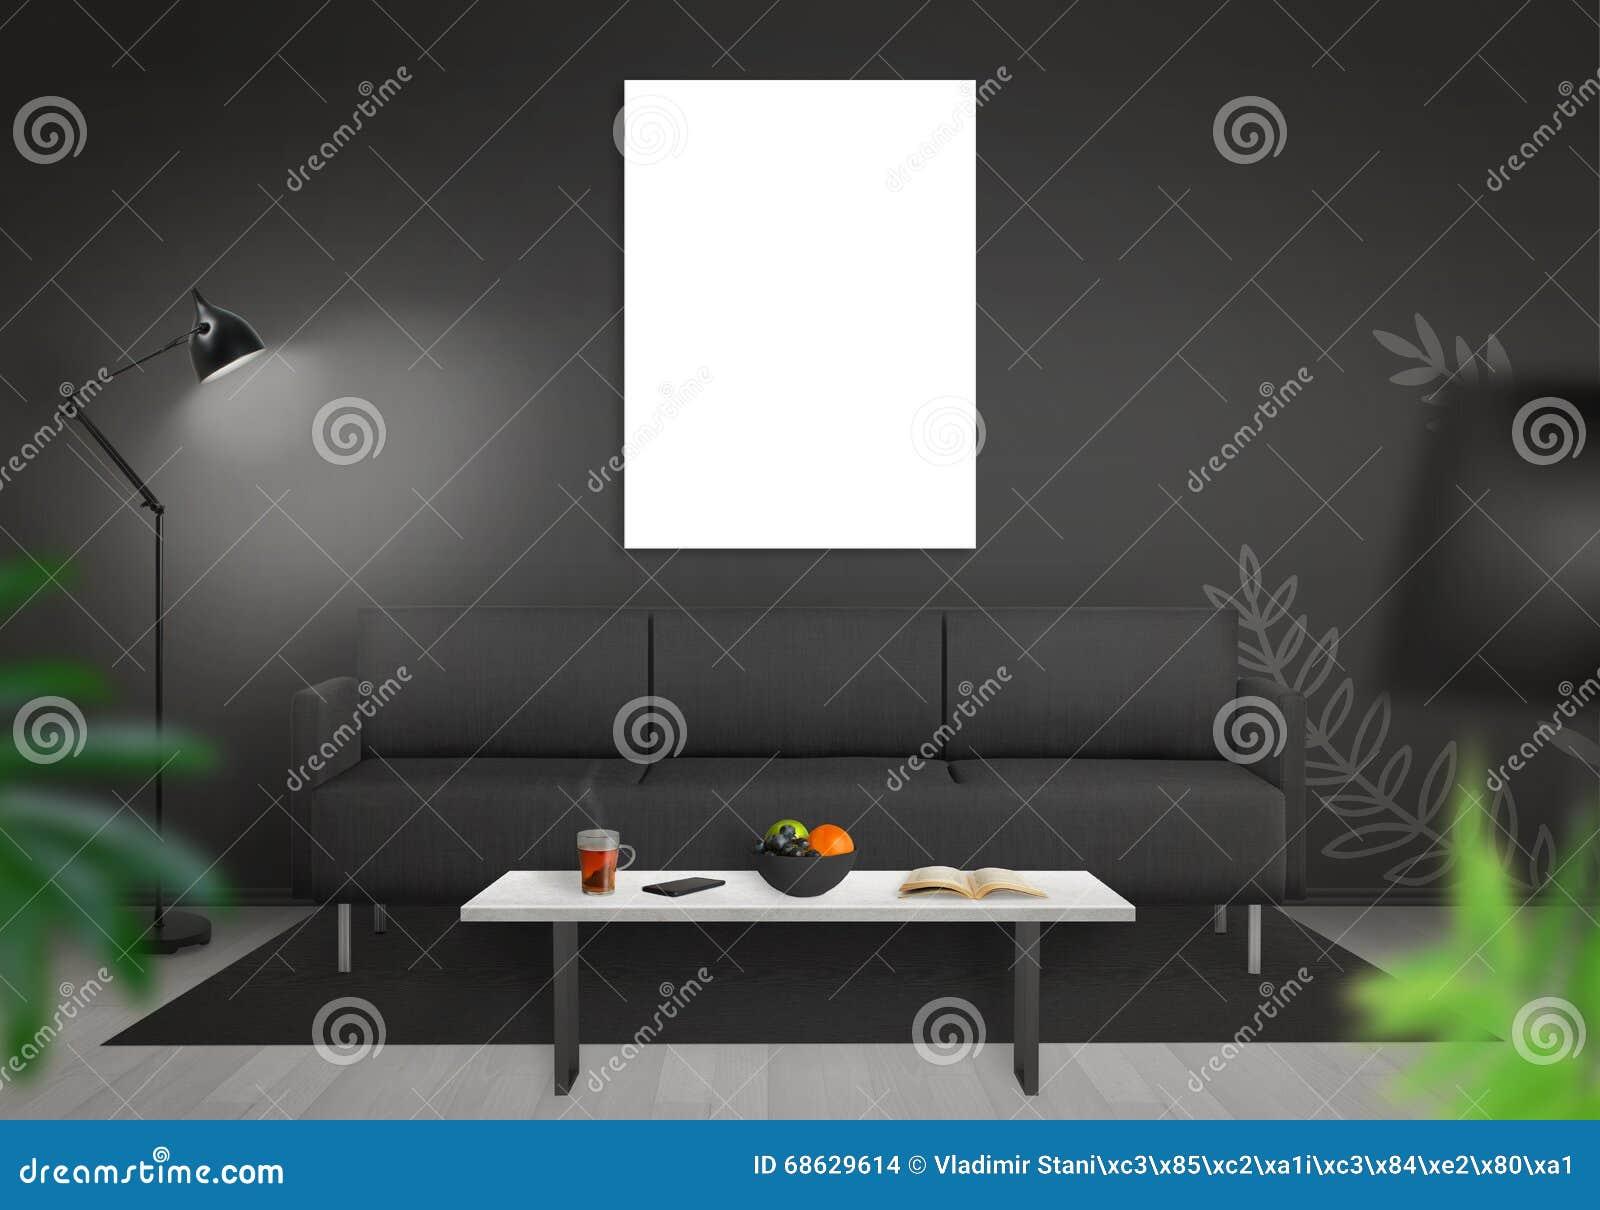 Pareti In Tela : Parete tela bianco nero galleria tela stanza parete nero